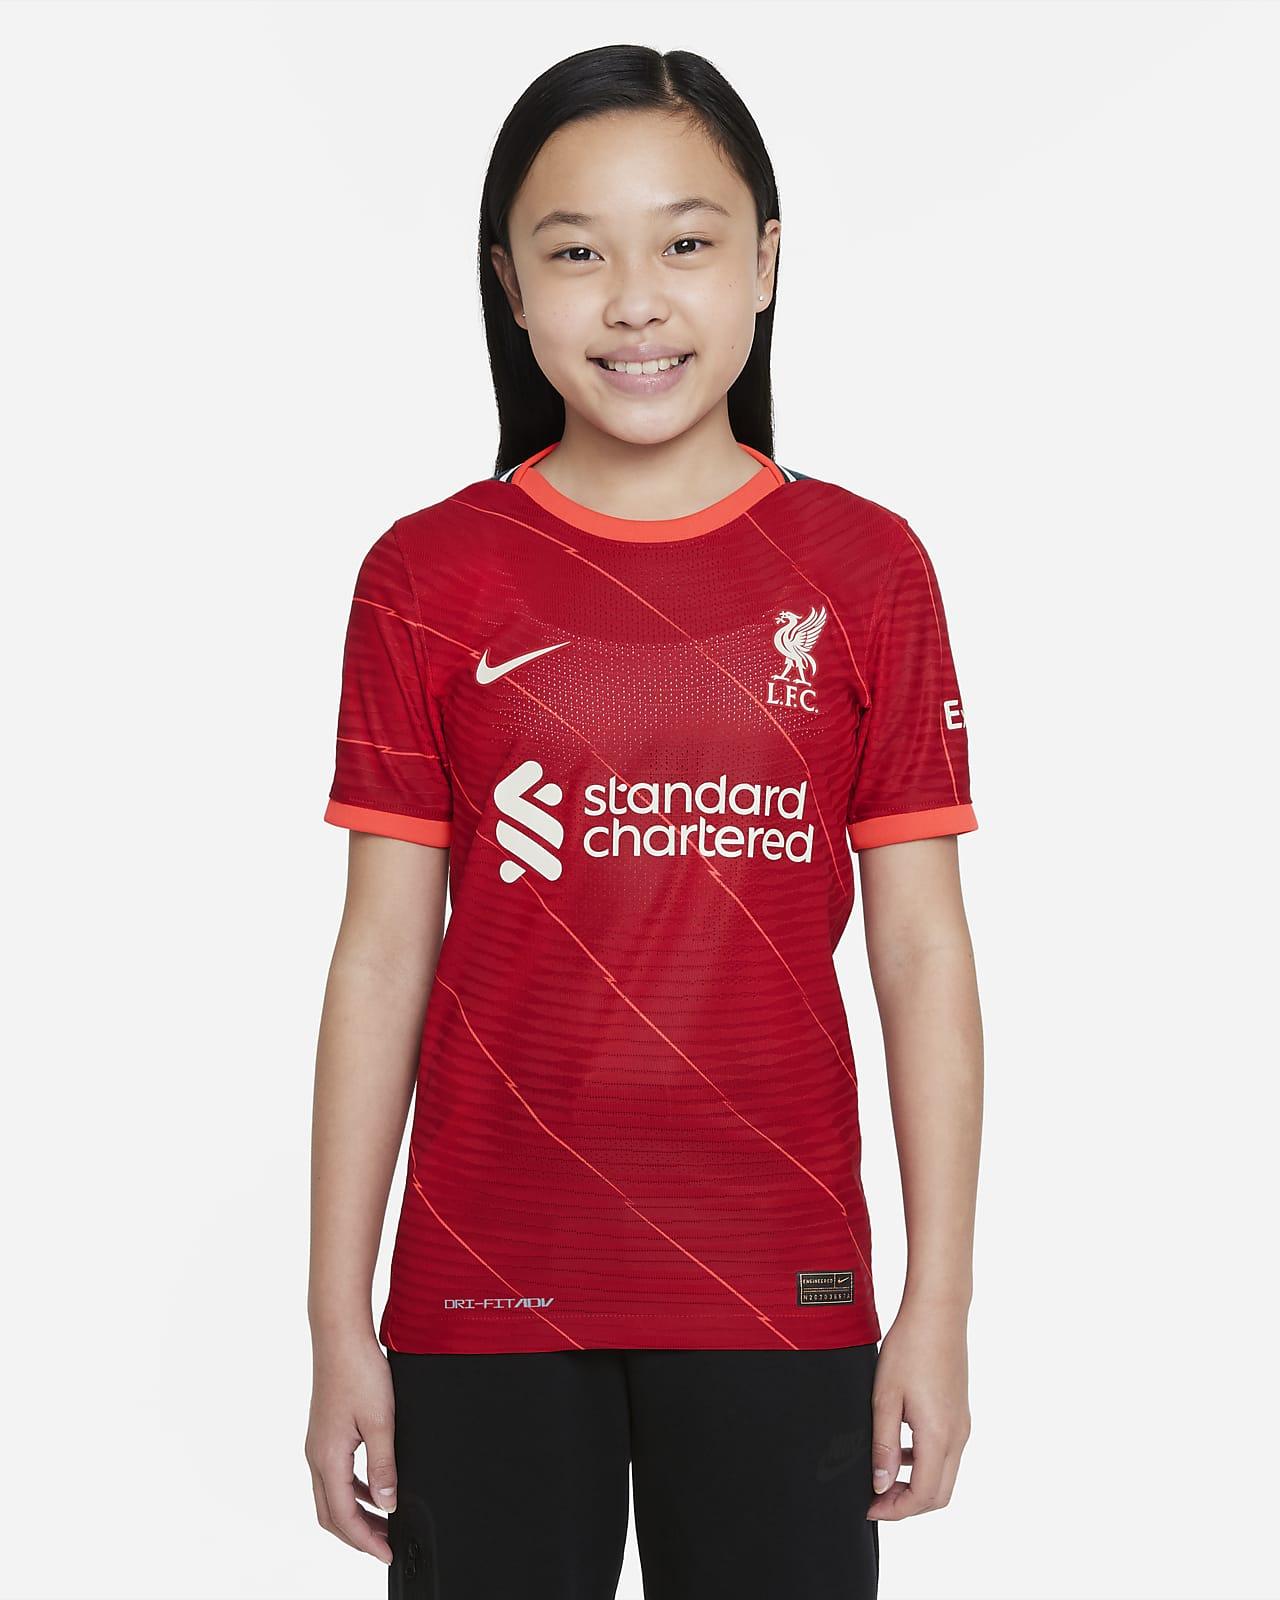 Camisola de futebol Nike Dri-FIT ADV do equipamento principal Match Liverpool FC 2021/22 Júnior